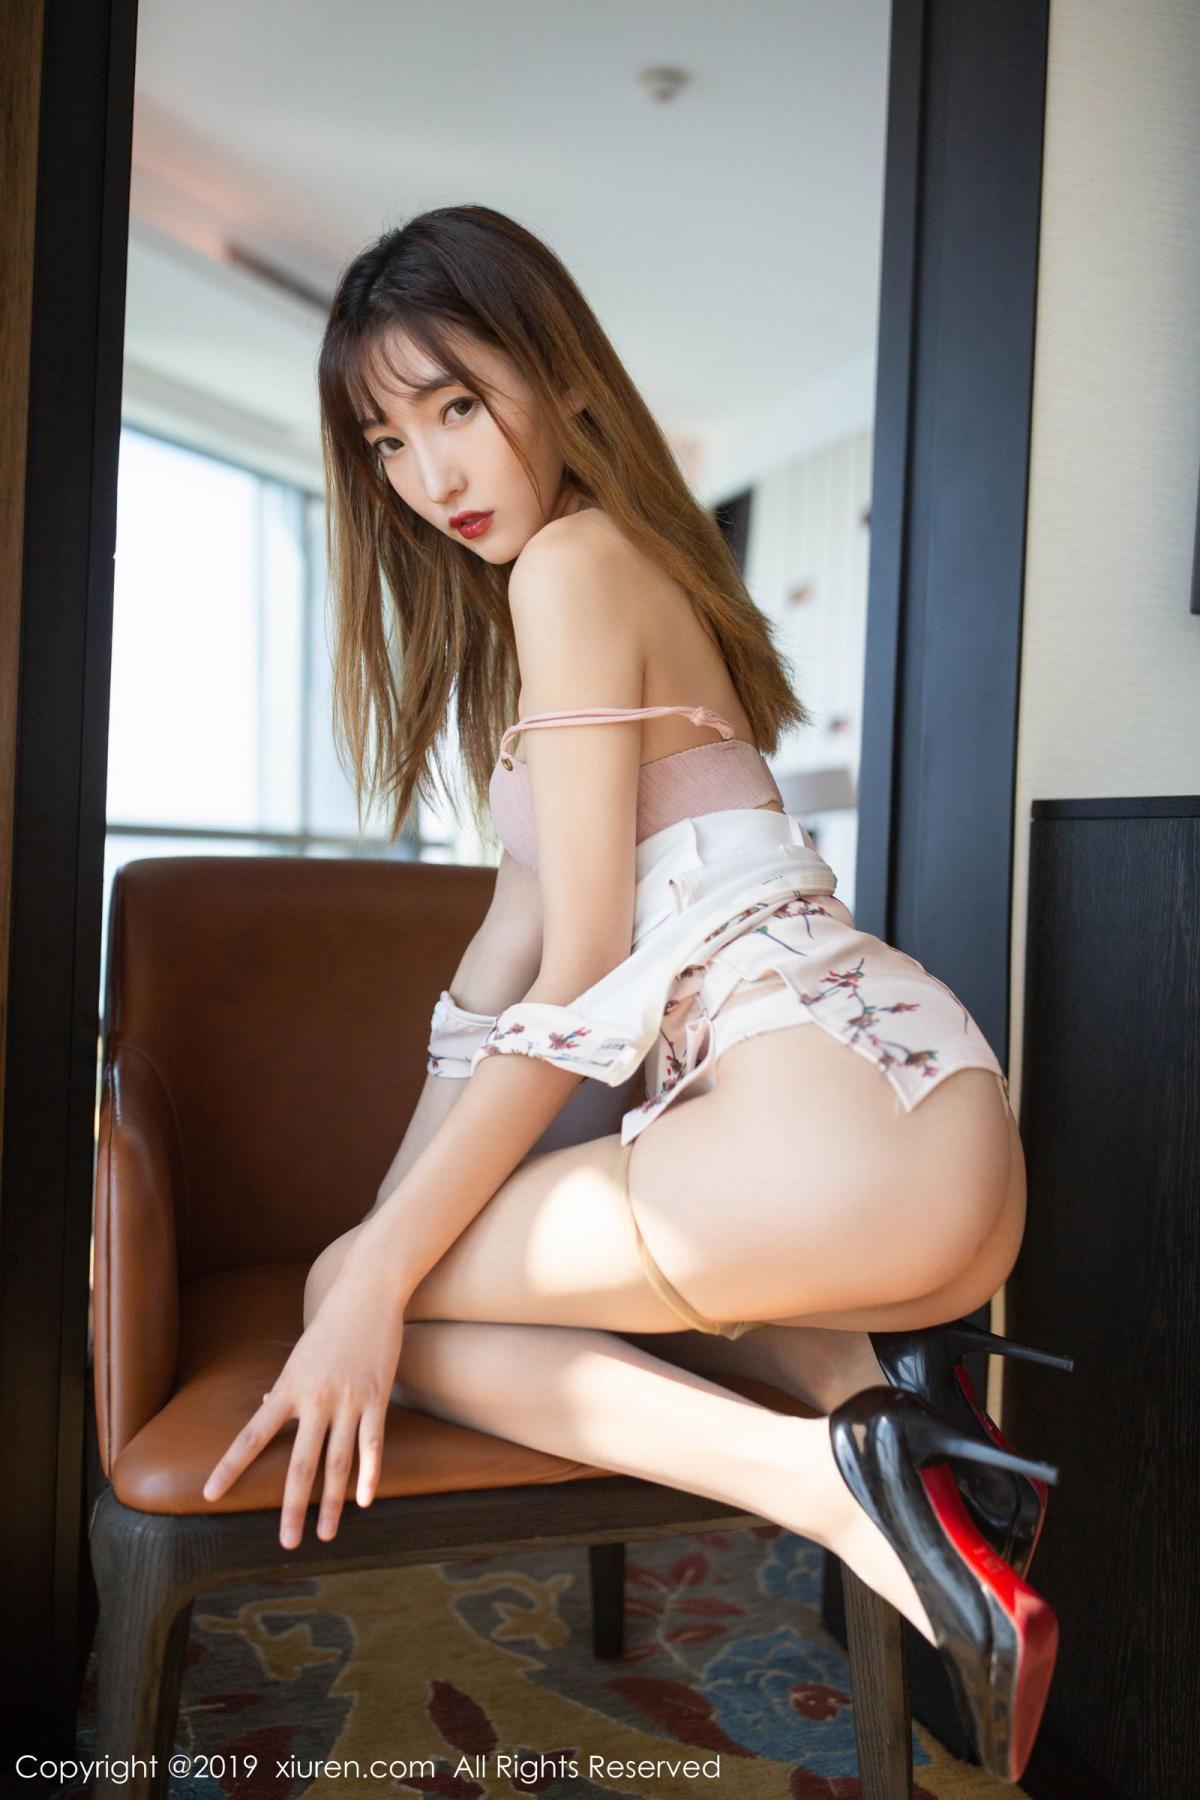 [XiuRen] Vol.1737 Lu Xuan Xuan 2 6P, Cheongsam, Lu Xuan Xuan, Underwear, Xiuren